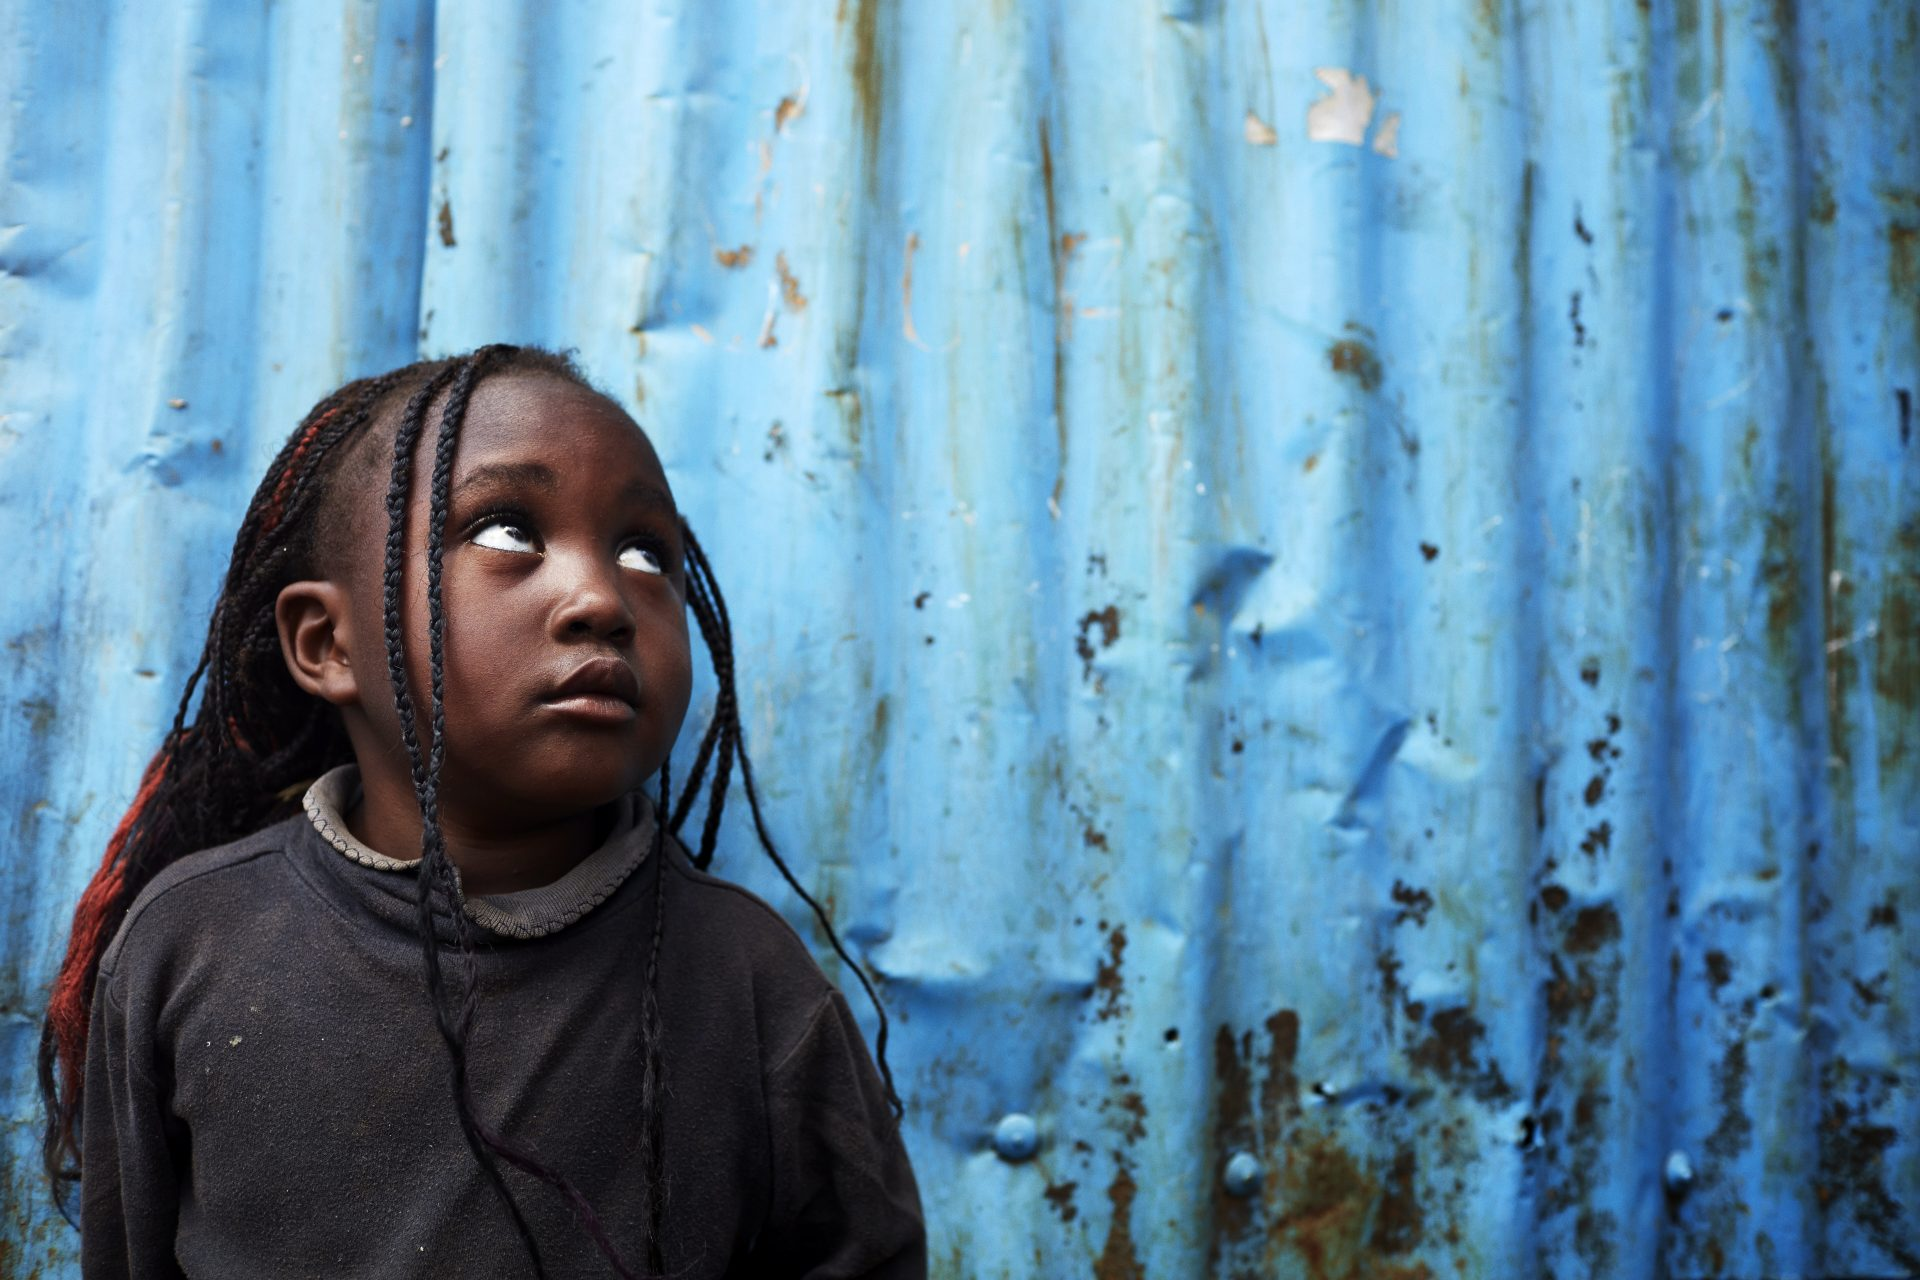 Slummen er et af de farligste steder at være barn. Sygdomme, ildebrande og overgreb er blandt farerne for børnene. Foto: Jens Honoré